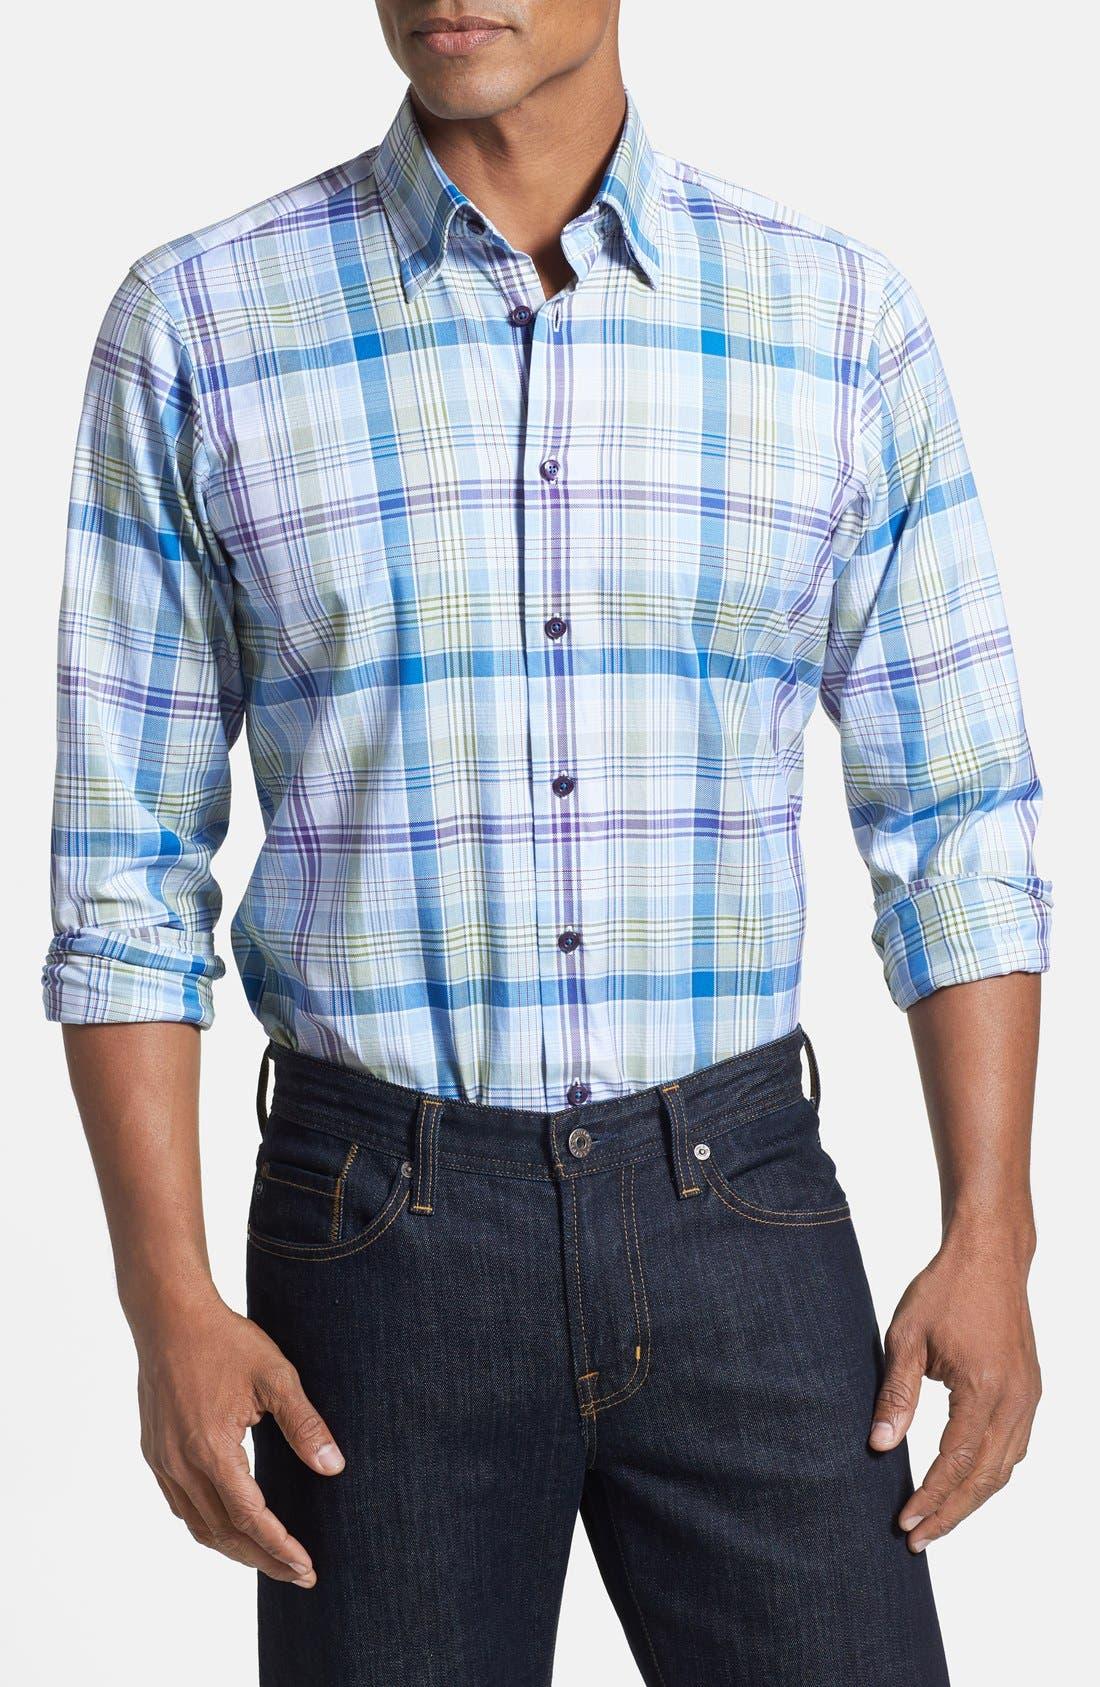 Main Image - Robert Talbott Trim Fit Woven Linen Sport Shirt